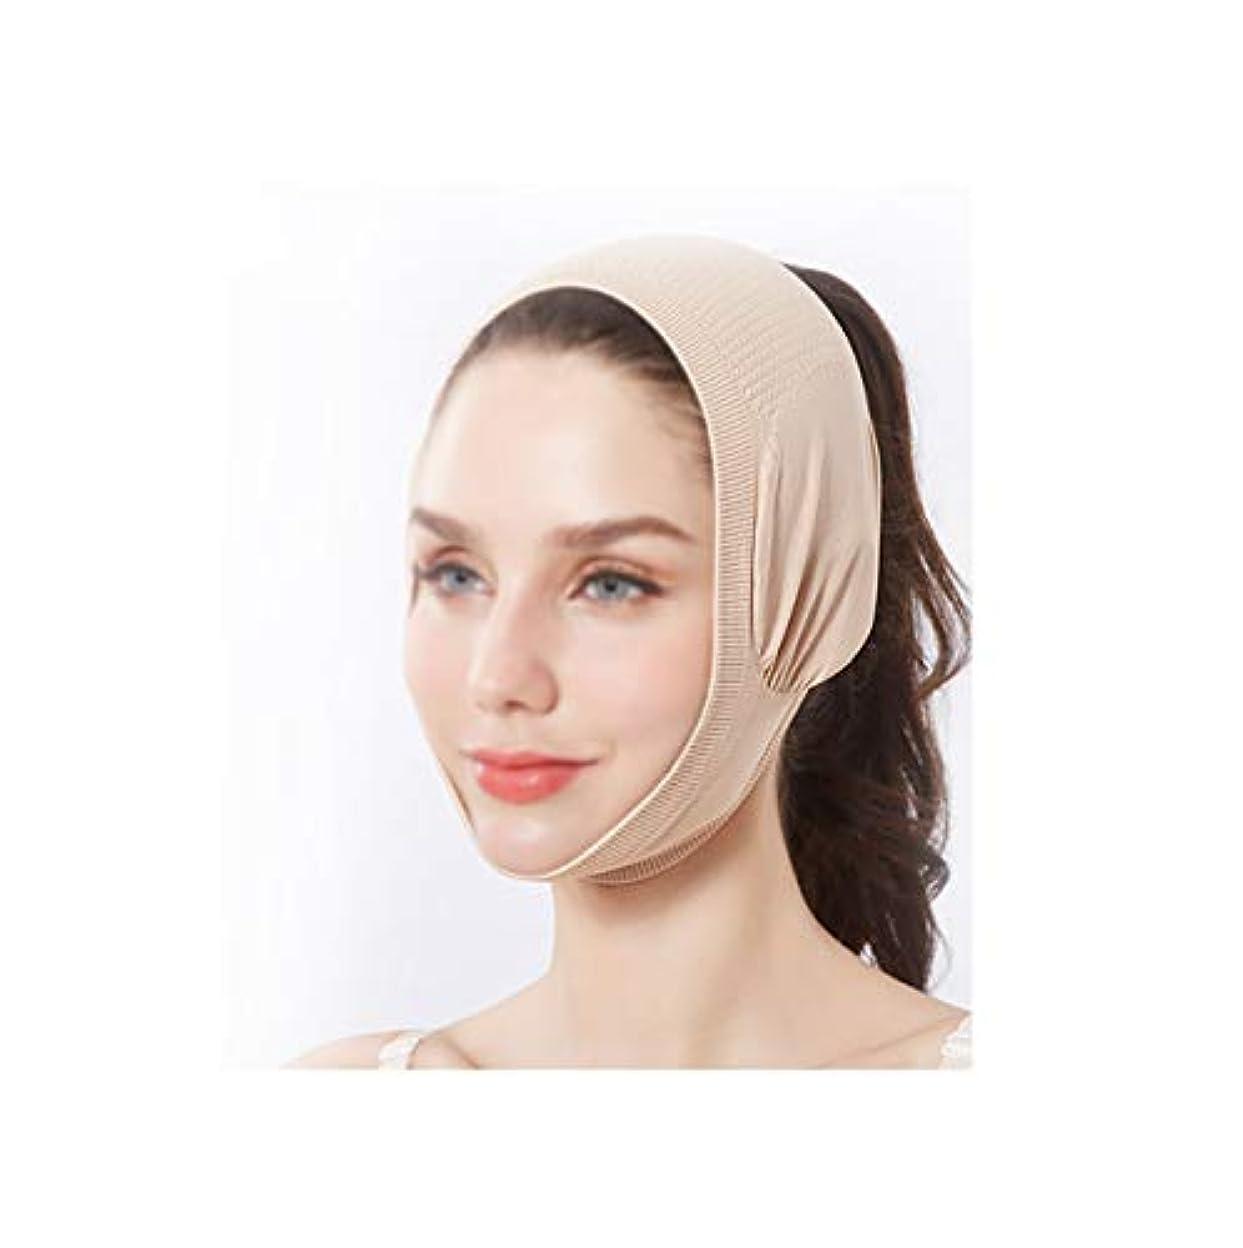 憎しみ無視謎TLMY フェイスリフトマスクマスクエクステンション強度フェースレス包帯フェイシャルラージVライン彫刻フェイシャルバックカバーネックバンド 顔用整形マスク (Color : Skin tone)